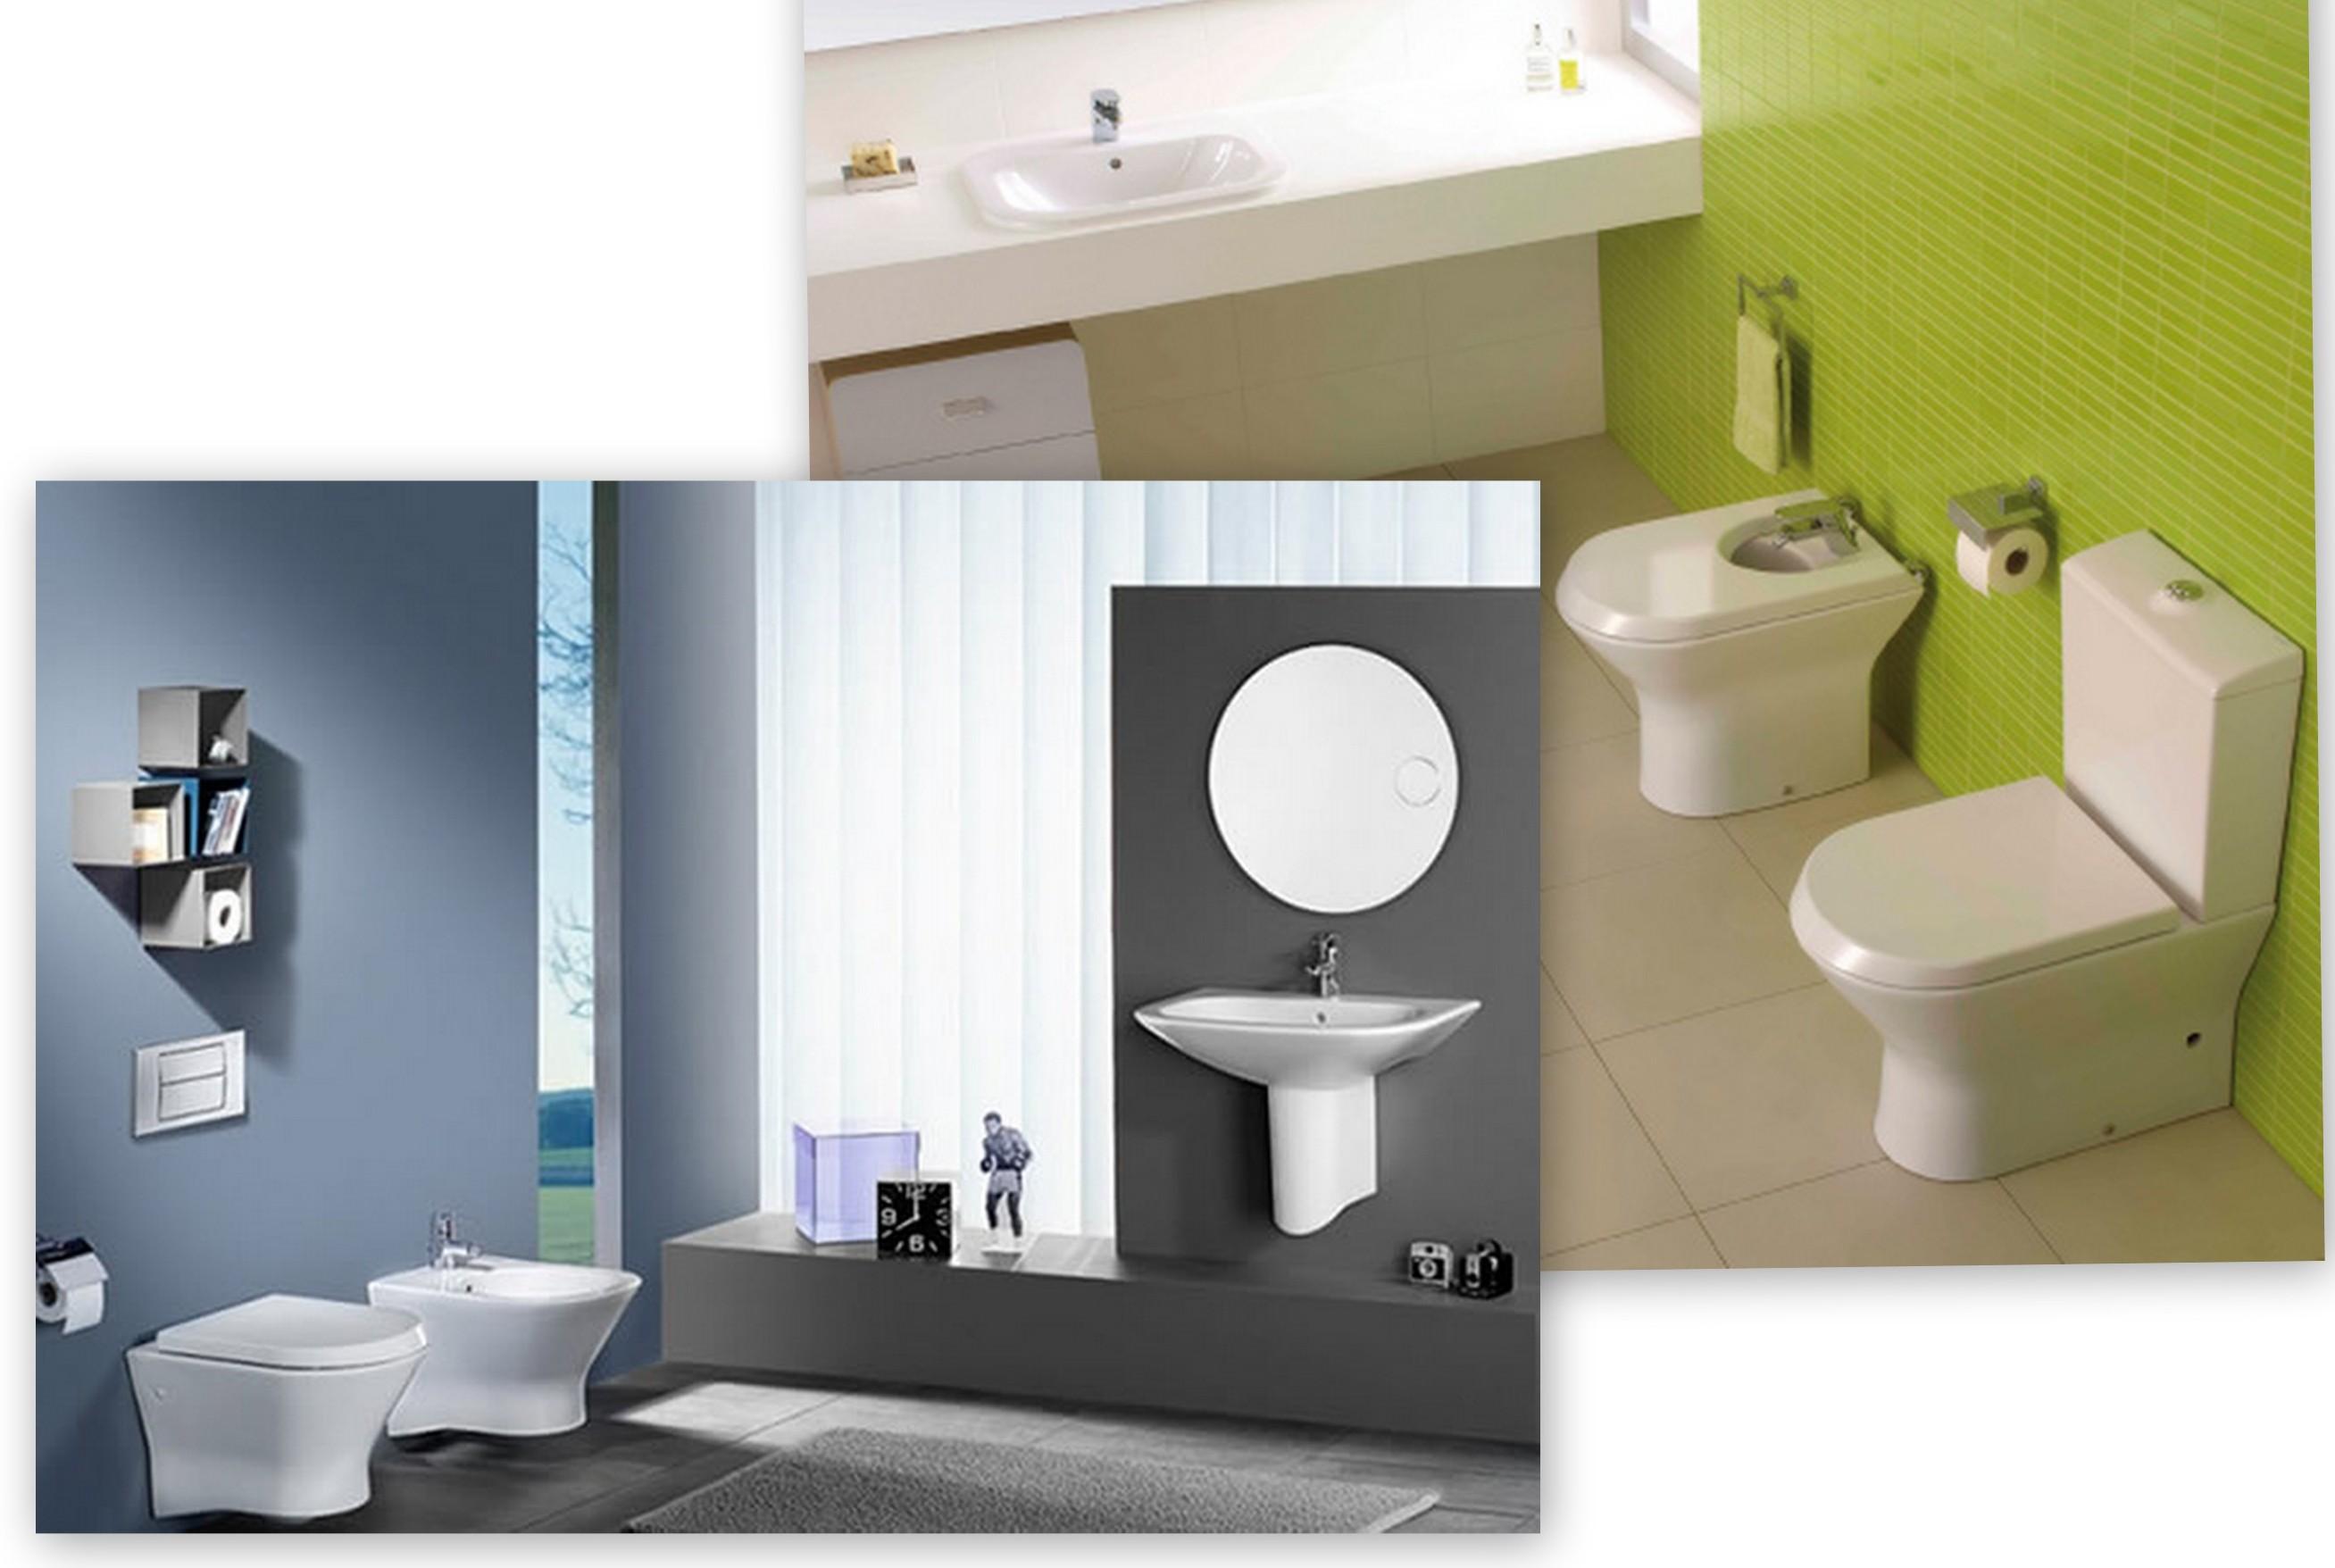 <p>Nexo - Sanitana</p><p>Sanita e Bidé Nexo (Sanitana)  Sanitários disponíveis com tampo soft close e em versão BTW e suspensa  </p>